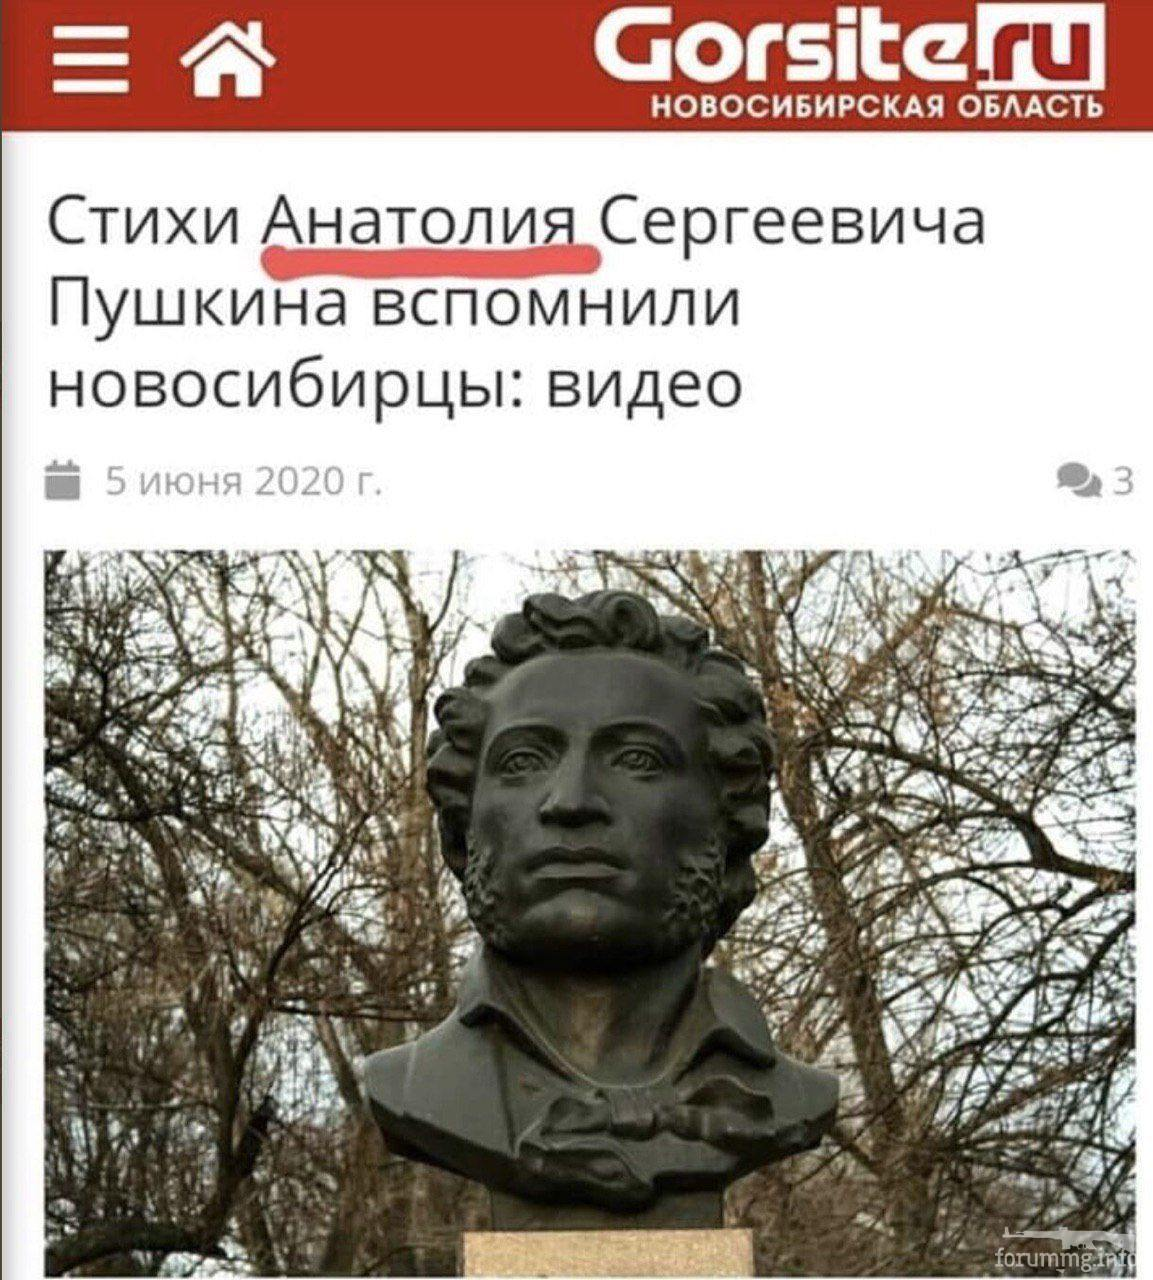 132038 - А в России чудеса!